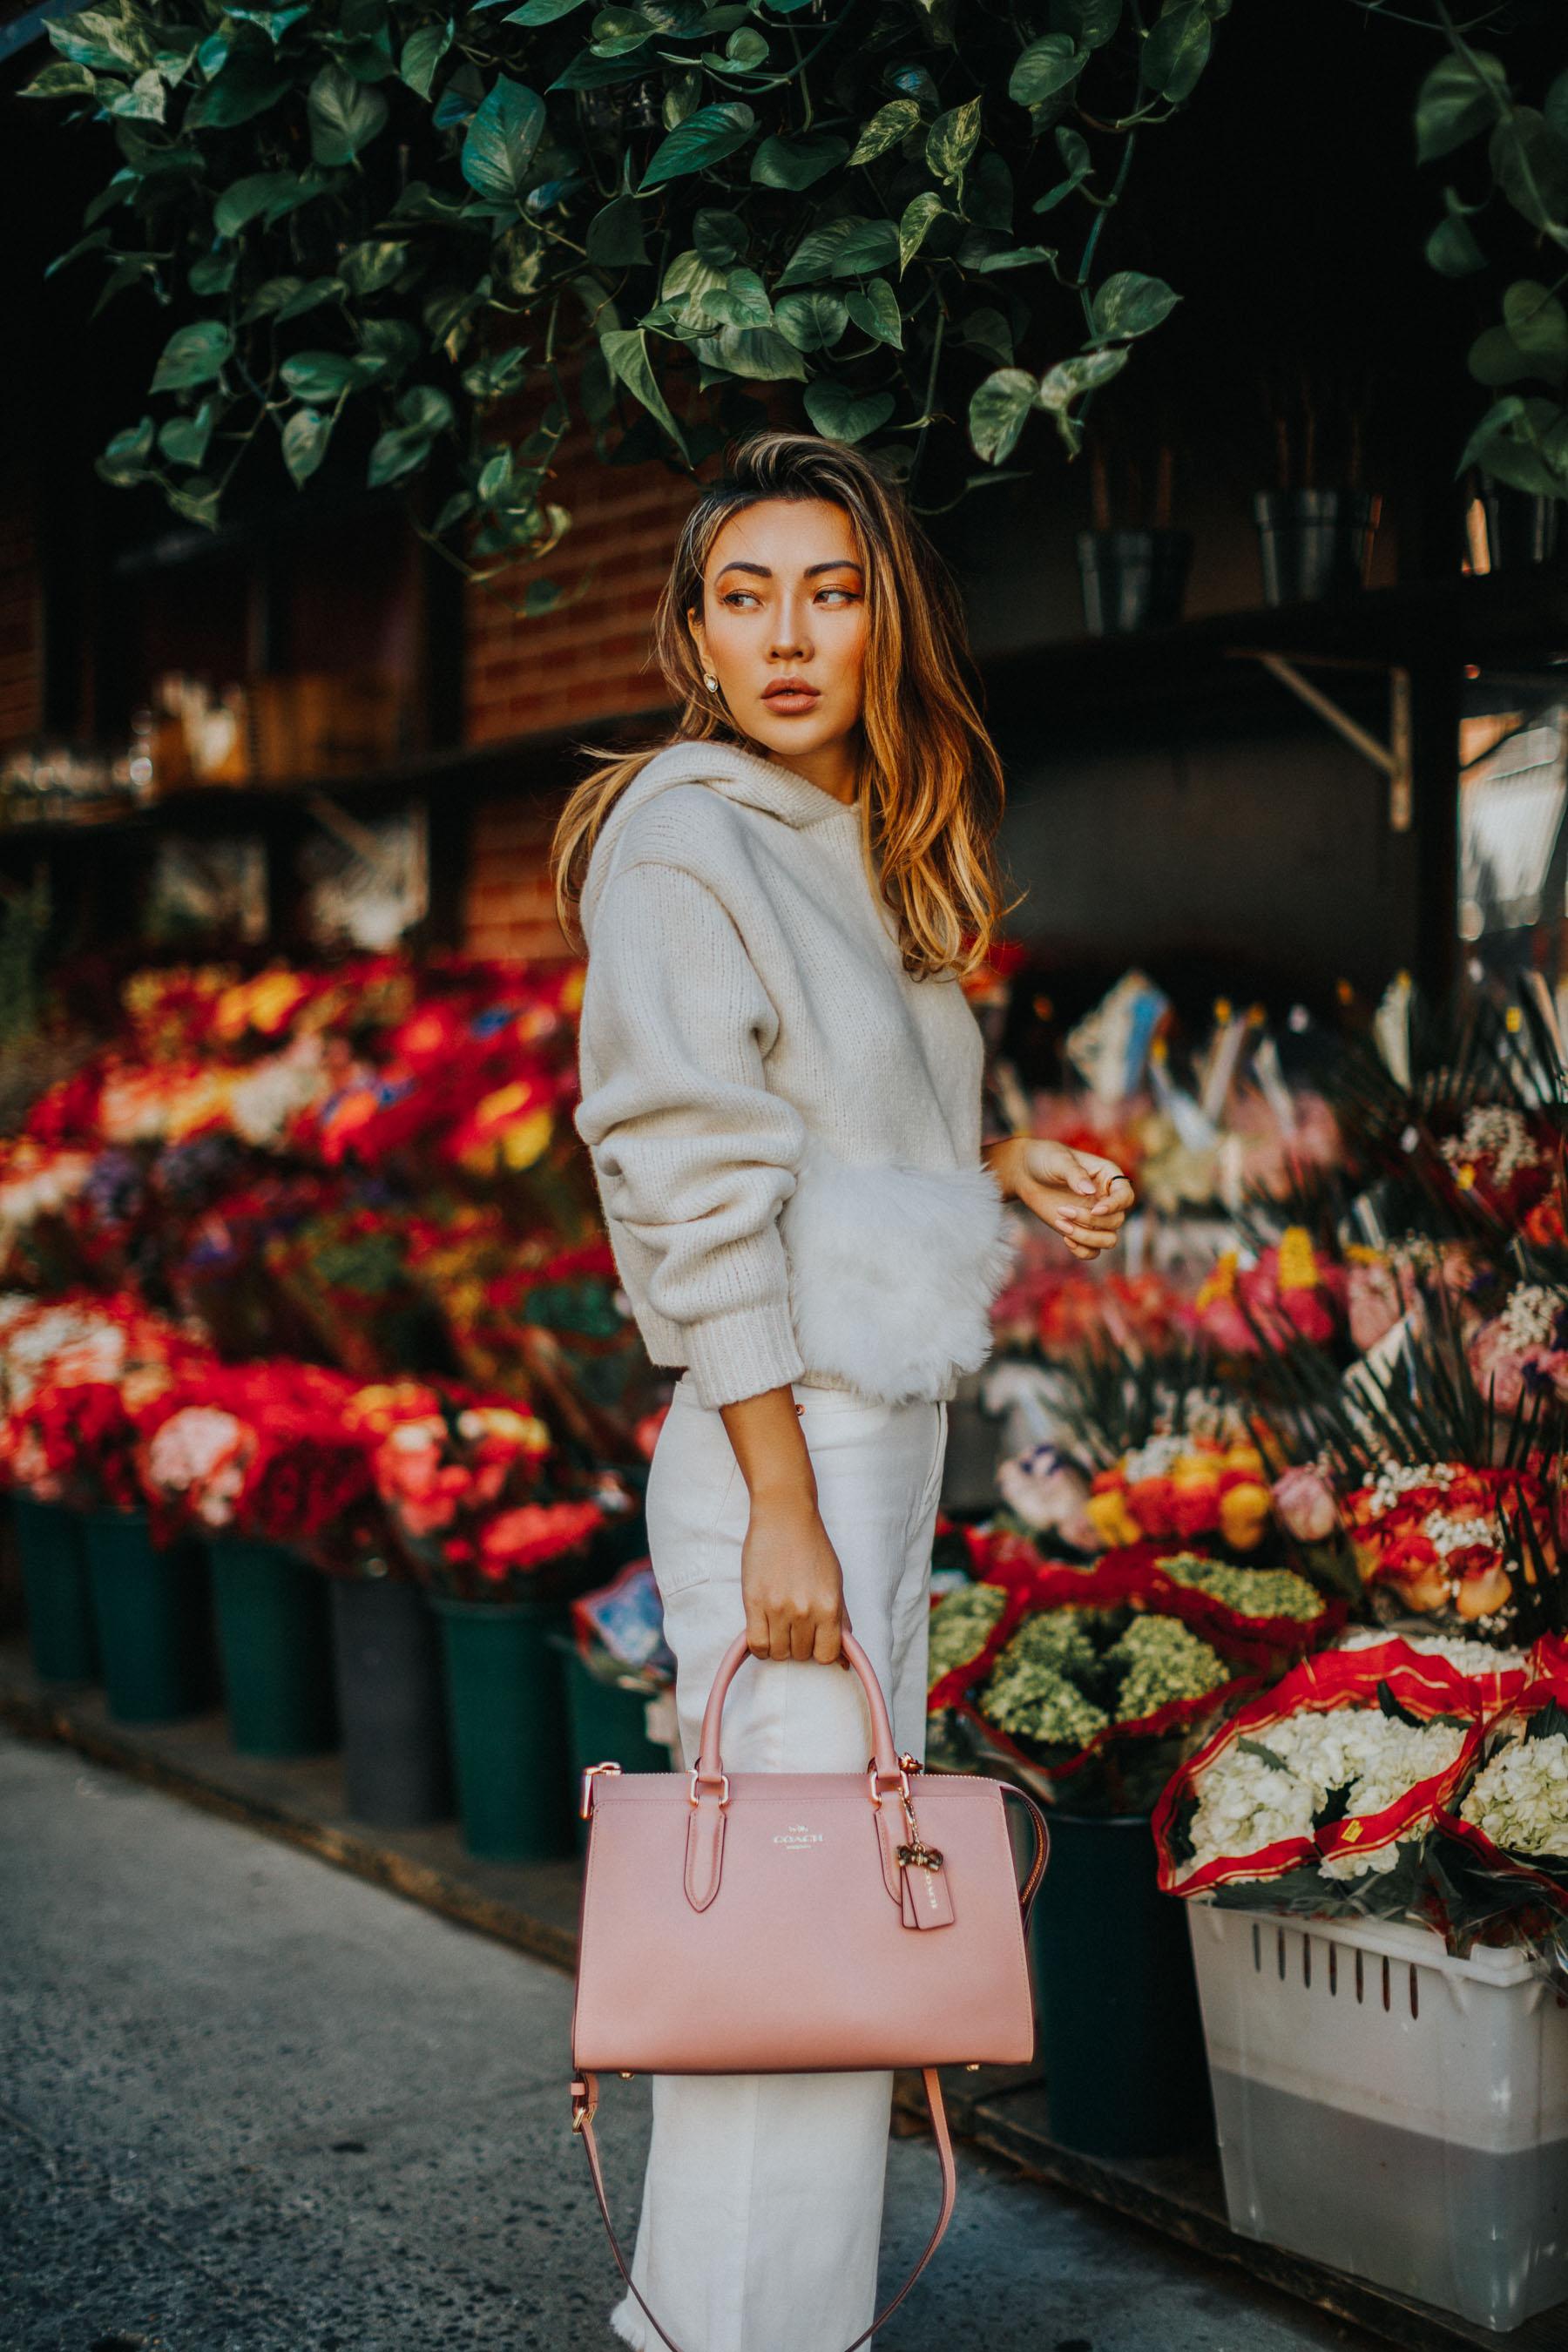 designer handbags under 350, affordable designer handbags, tote bag // Notjessfashion.com